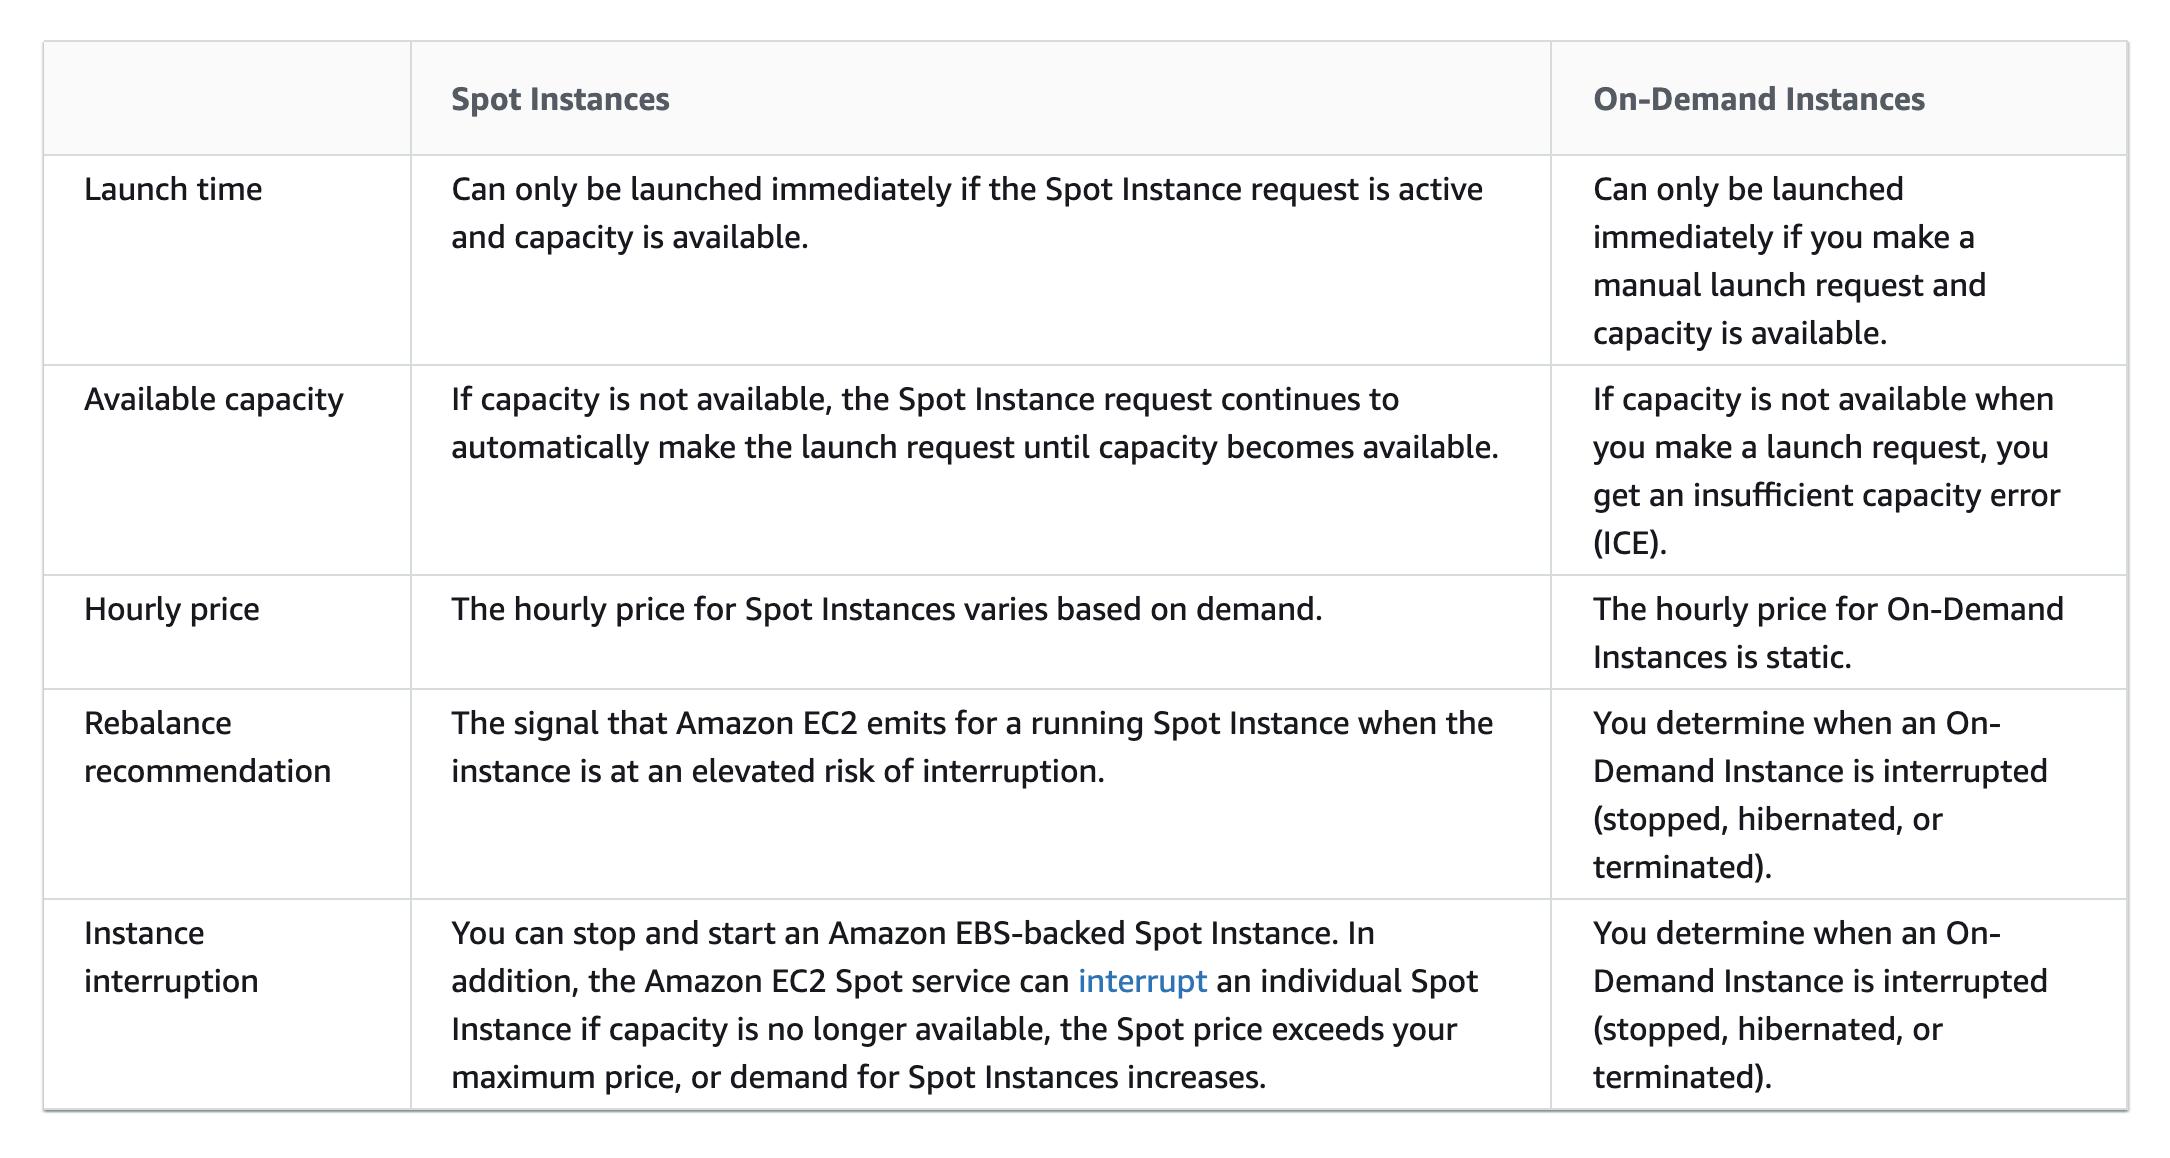 Spot Instances vs On-Demand Instances